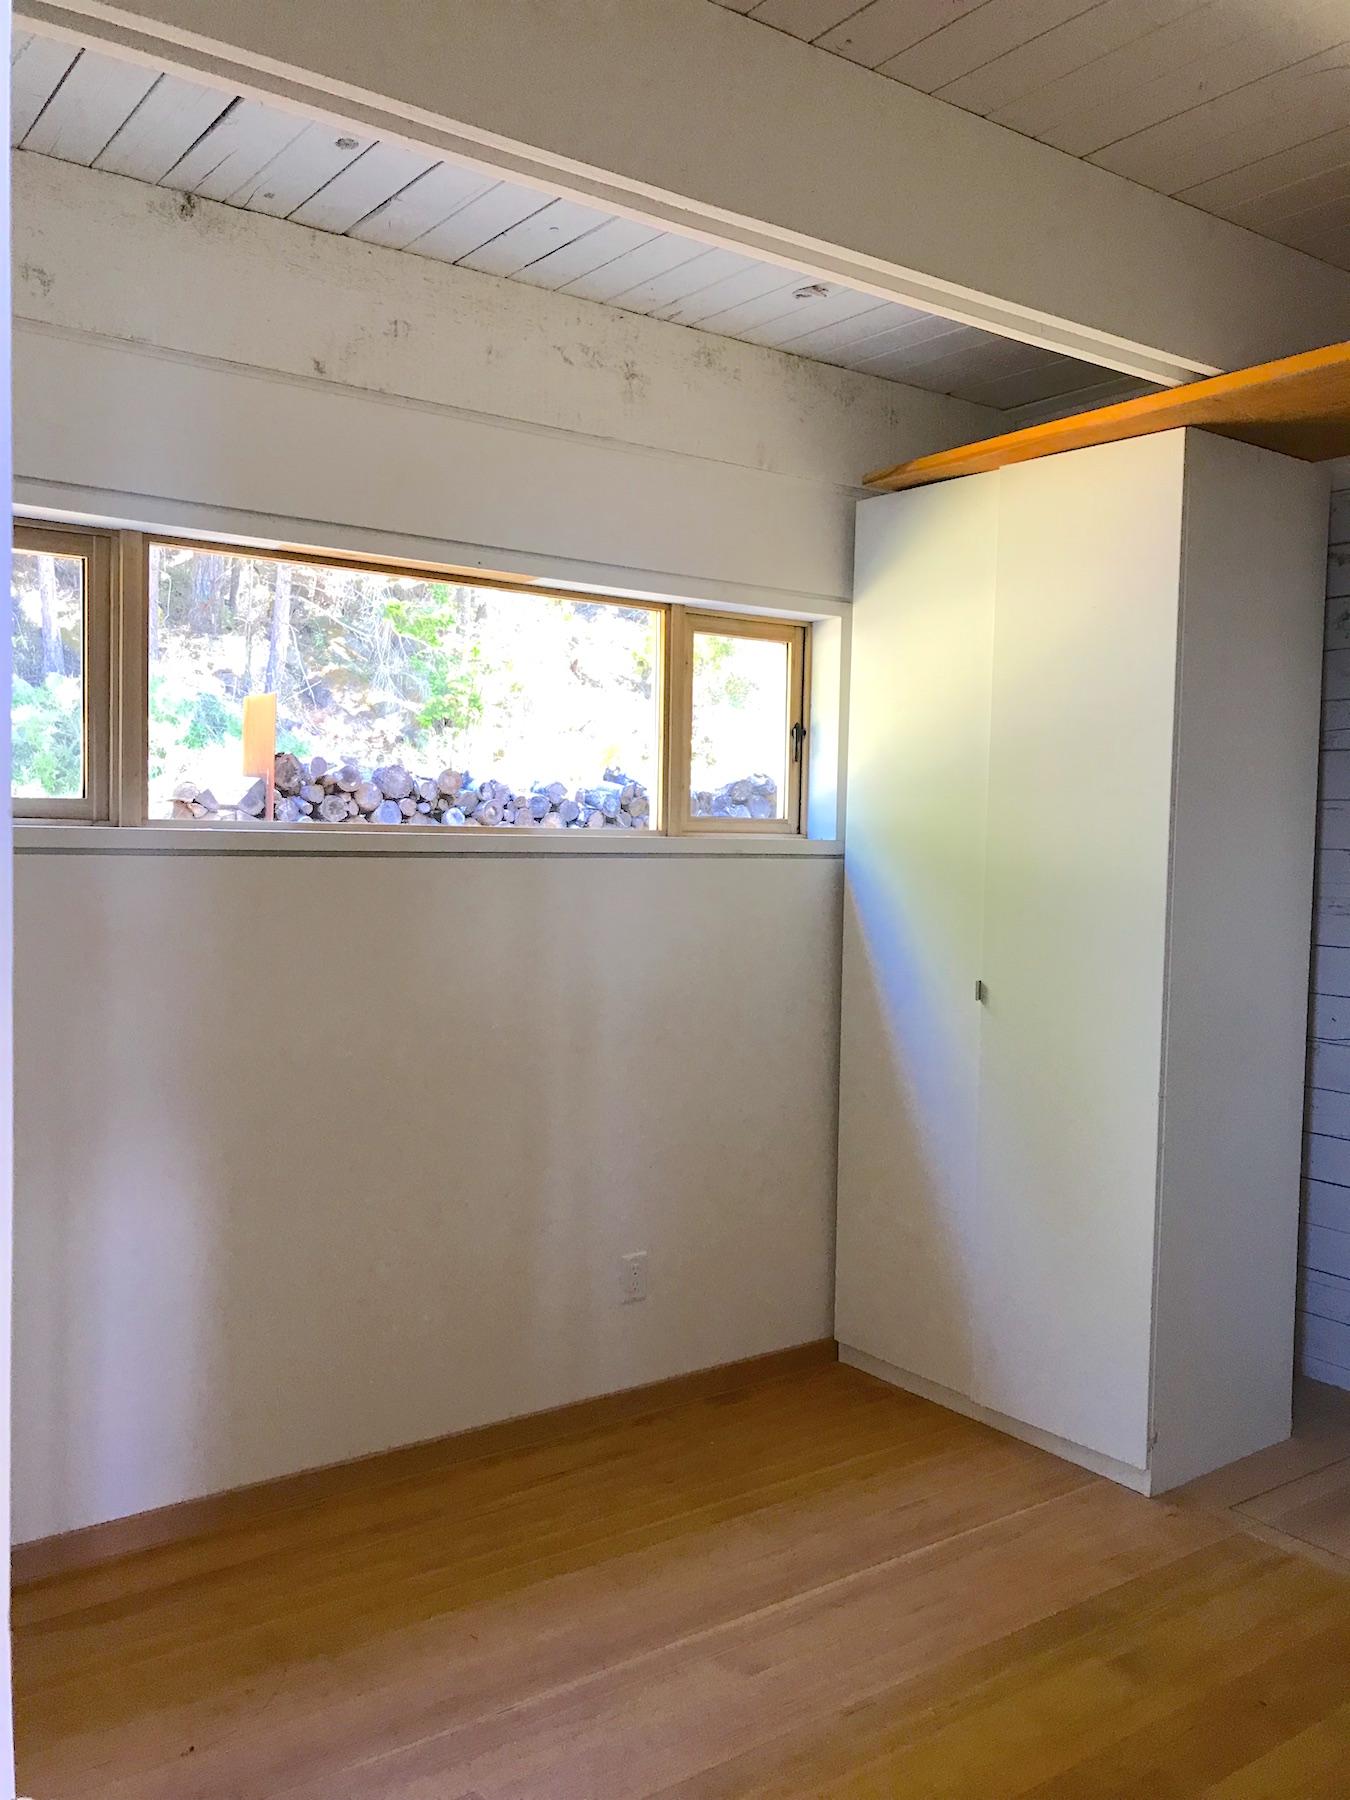 Guestroom : Laundry room V - 21455 Porlier Pass.jpeg